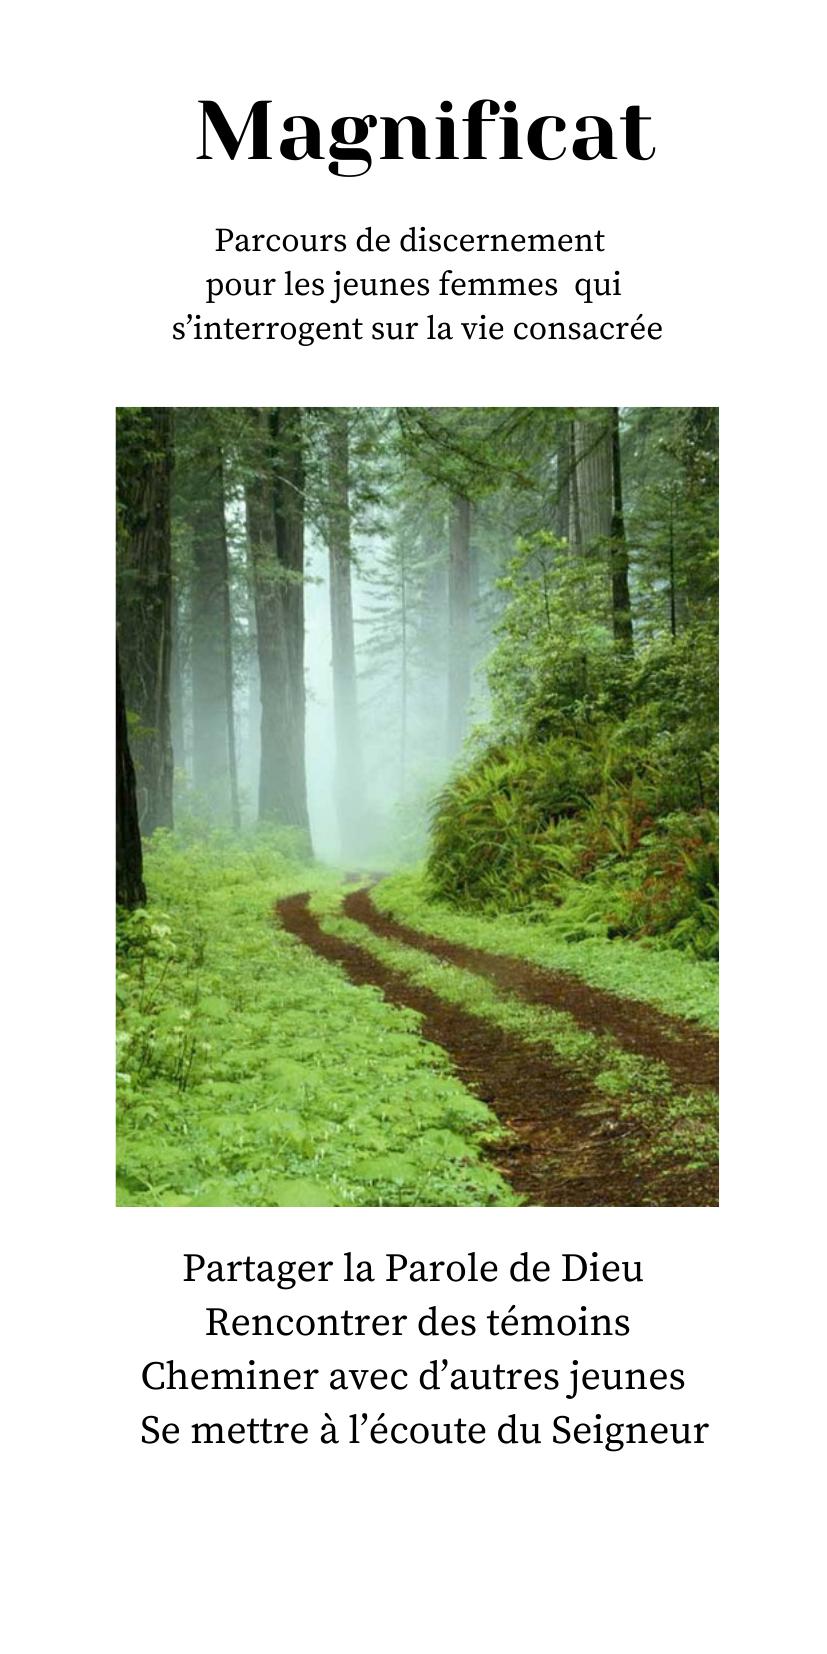 Magnificat : un parcours pour discerner la vie consacrée